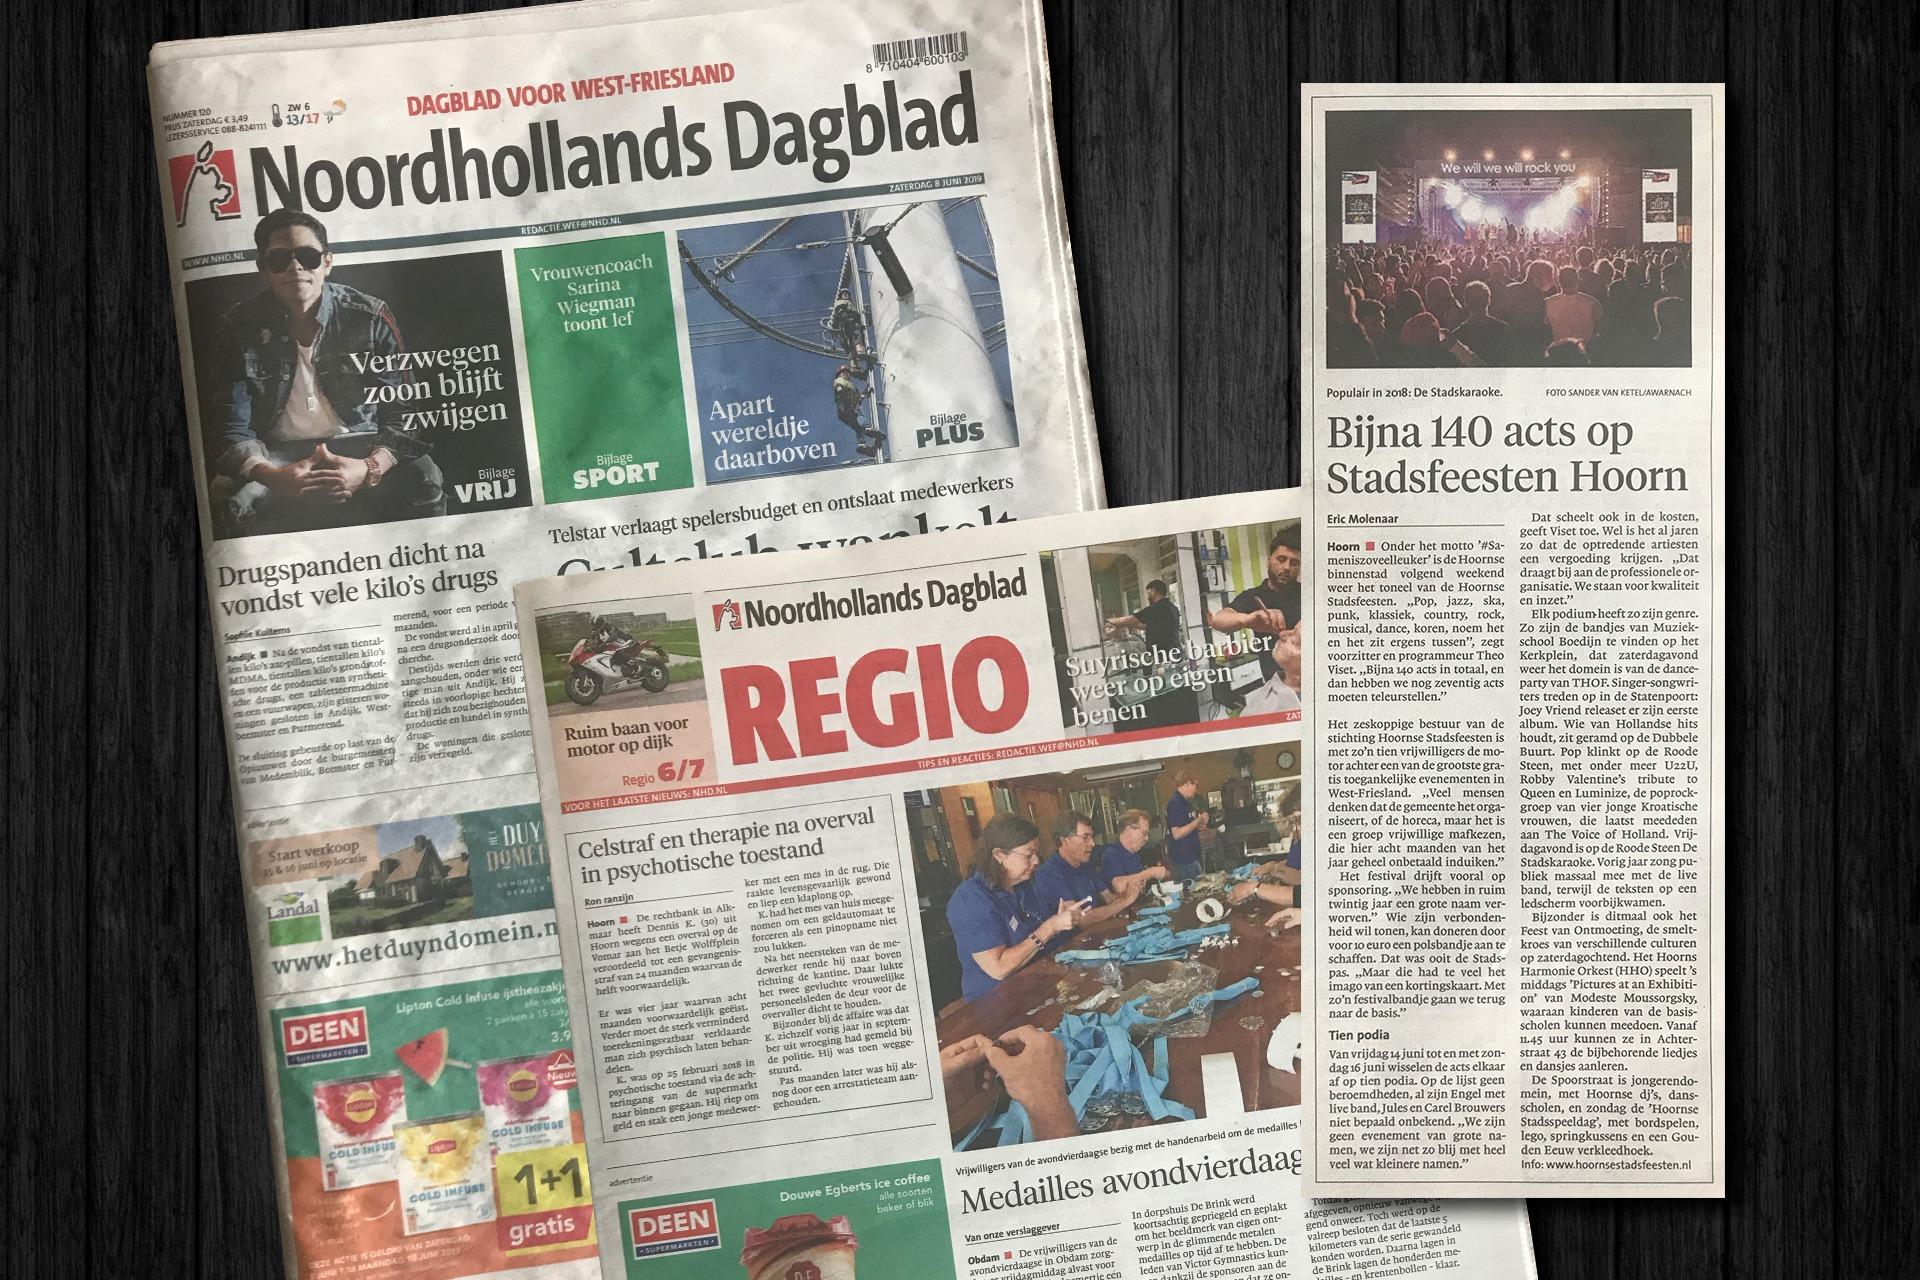 Hoornse Stadsfeesten in Noordhollands Dagblad